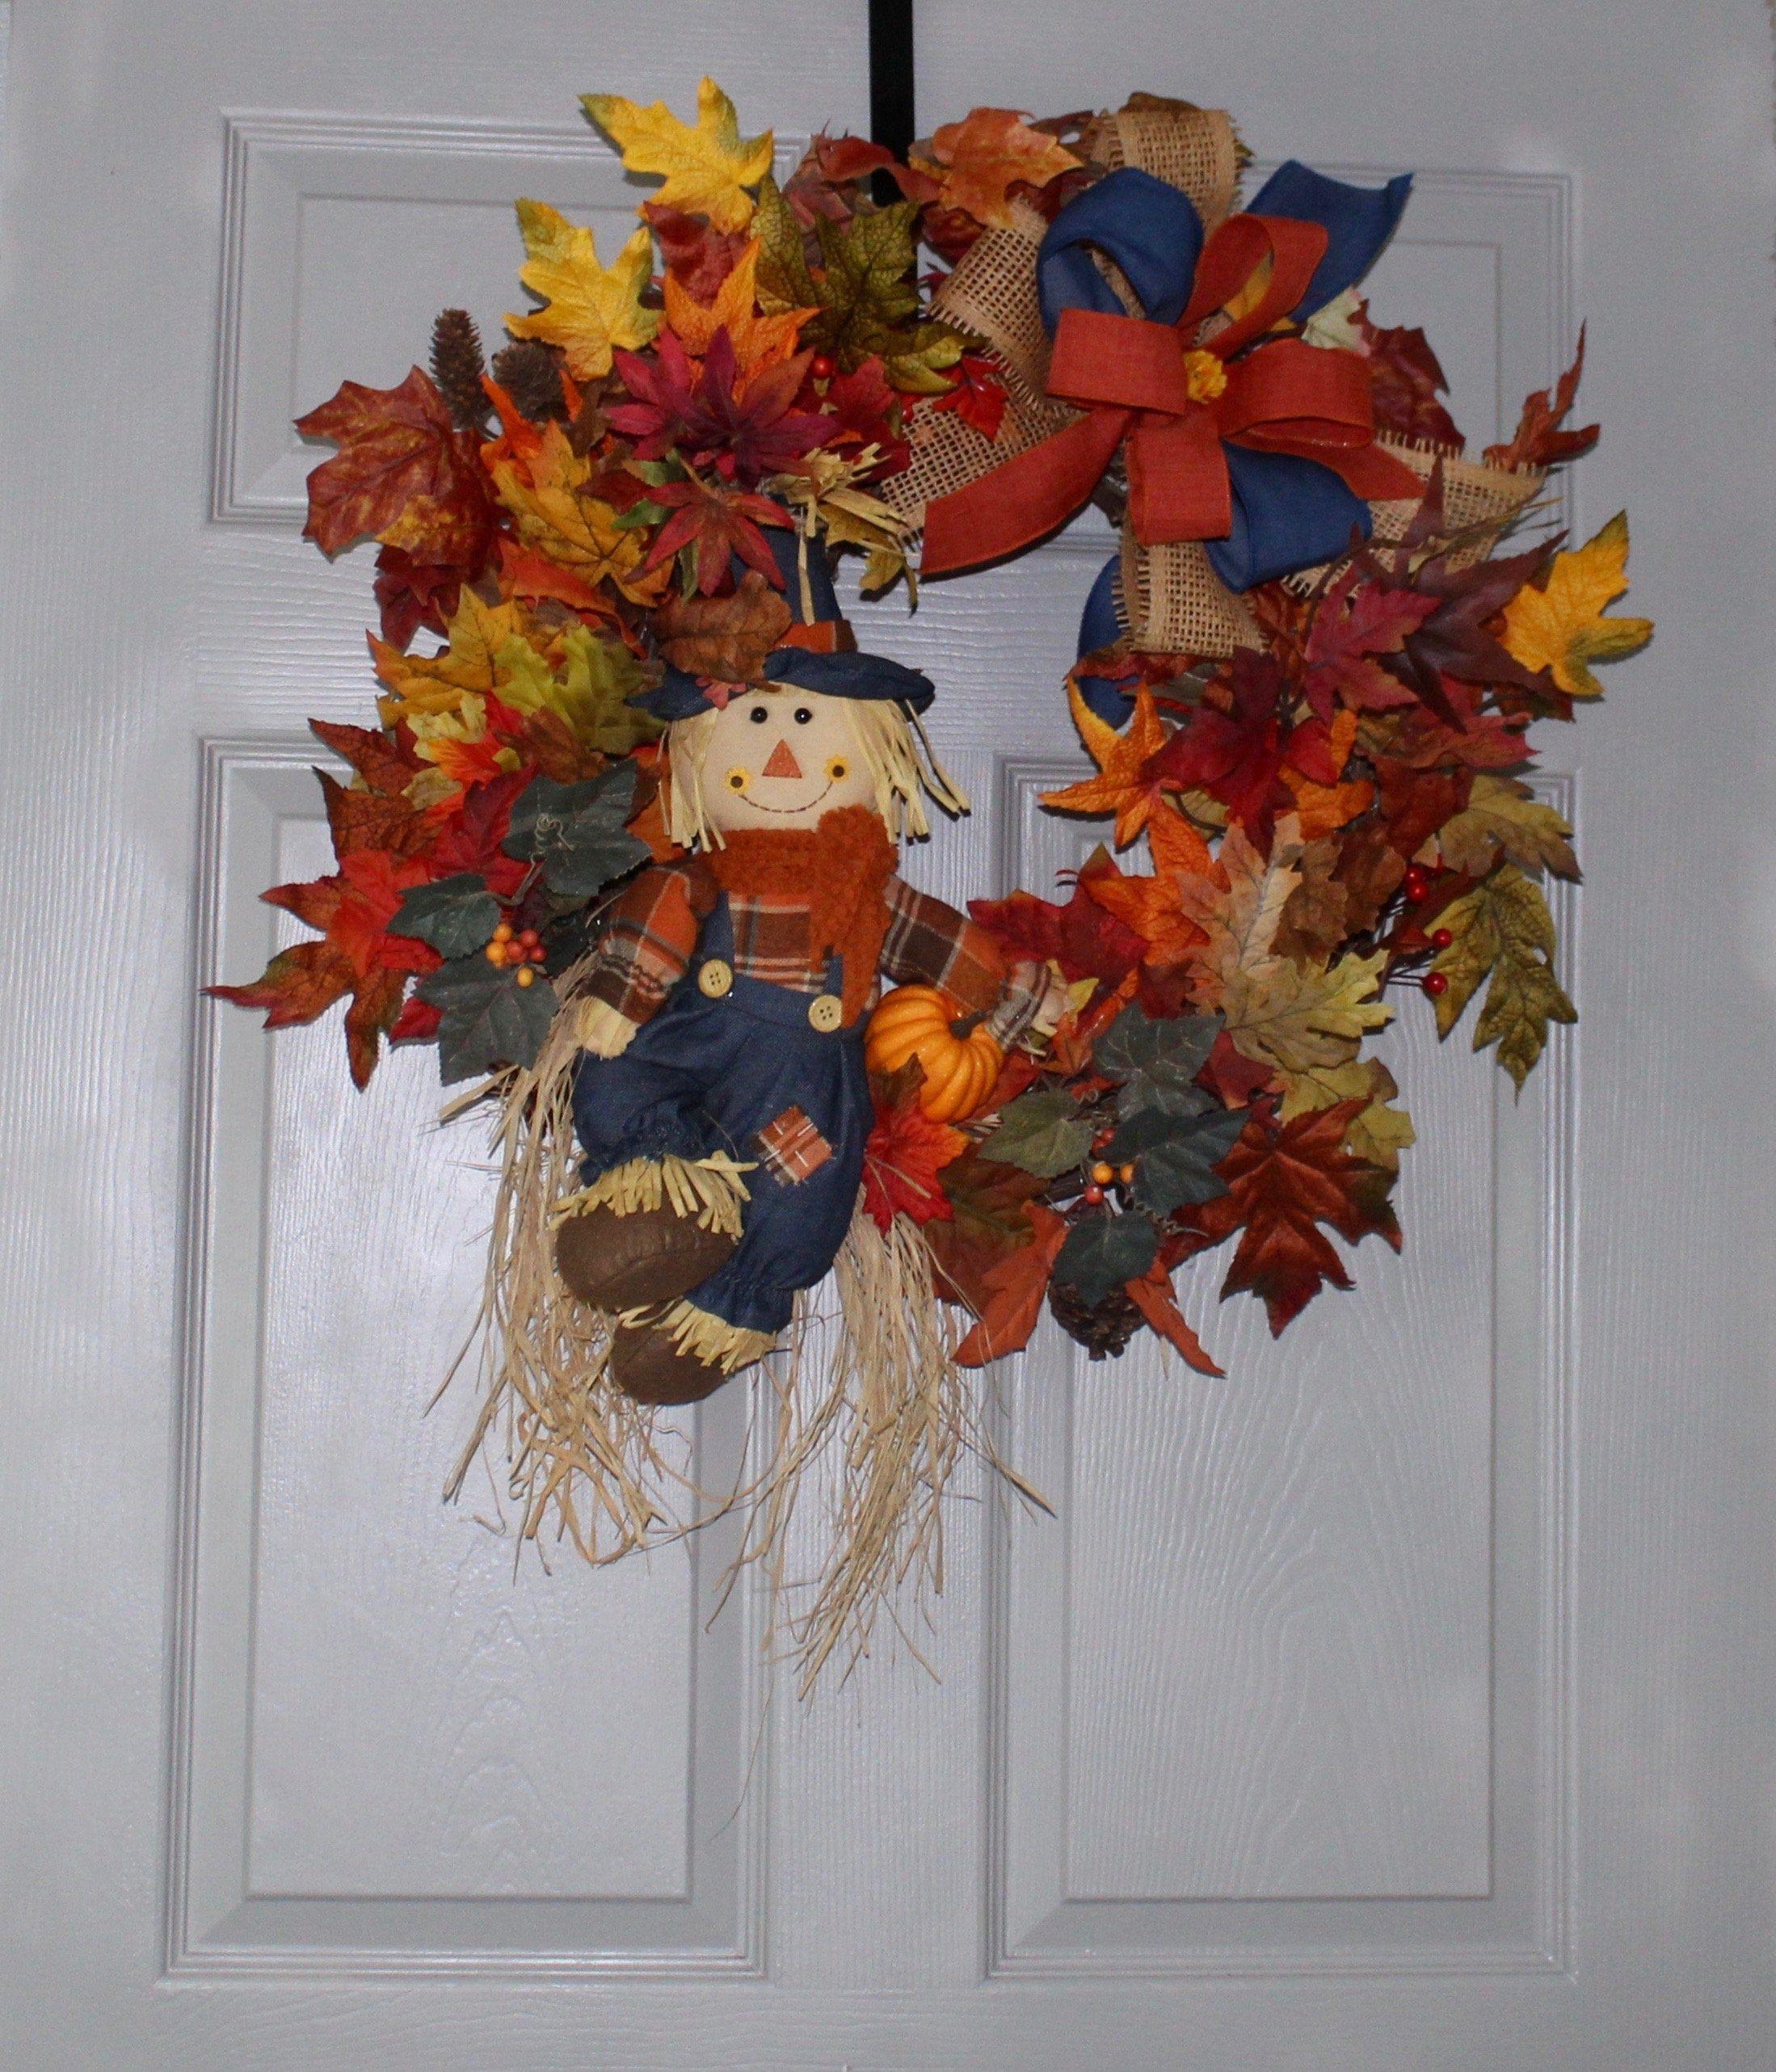 Fall Wreath For Door, Fall Door Wreath, Best Fall Door Wreath, Autumn Wreath, Fall Decorations, Fall Home Decor, Fall Mantle Decor #fallmantledecor Fall  Wreath For Door,  Fall Door Wreath, Best Fall Door Wreath,  Autumn Wreath,  Fall Decorations, Fall Home Decor, Fall Mantle Decor #fall #falldecor #homedecor #scarecrow #fallmantledecor Fall Wreath For Door, Fall Door Wreath, Best Fall Door Wreath, Autumn Wreath, Fall Decorations, Fall Home Decor, Fall Mantle Decor #fallmantledecor Fall  Wreath #fallmantledecor